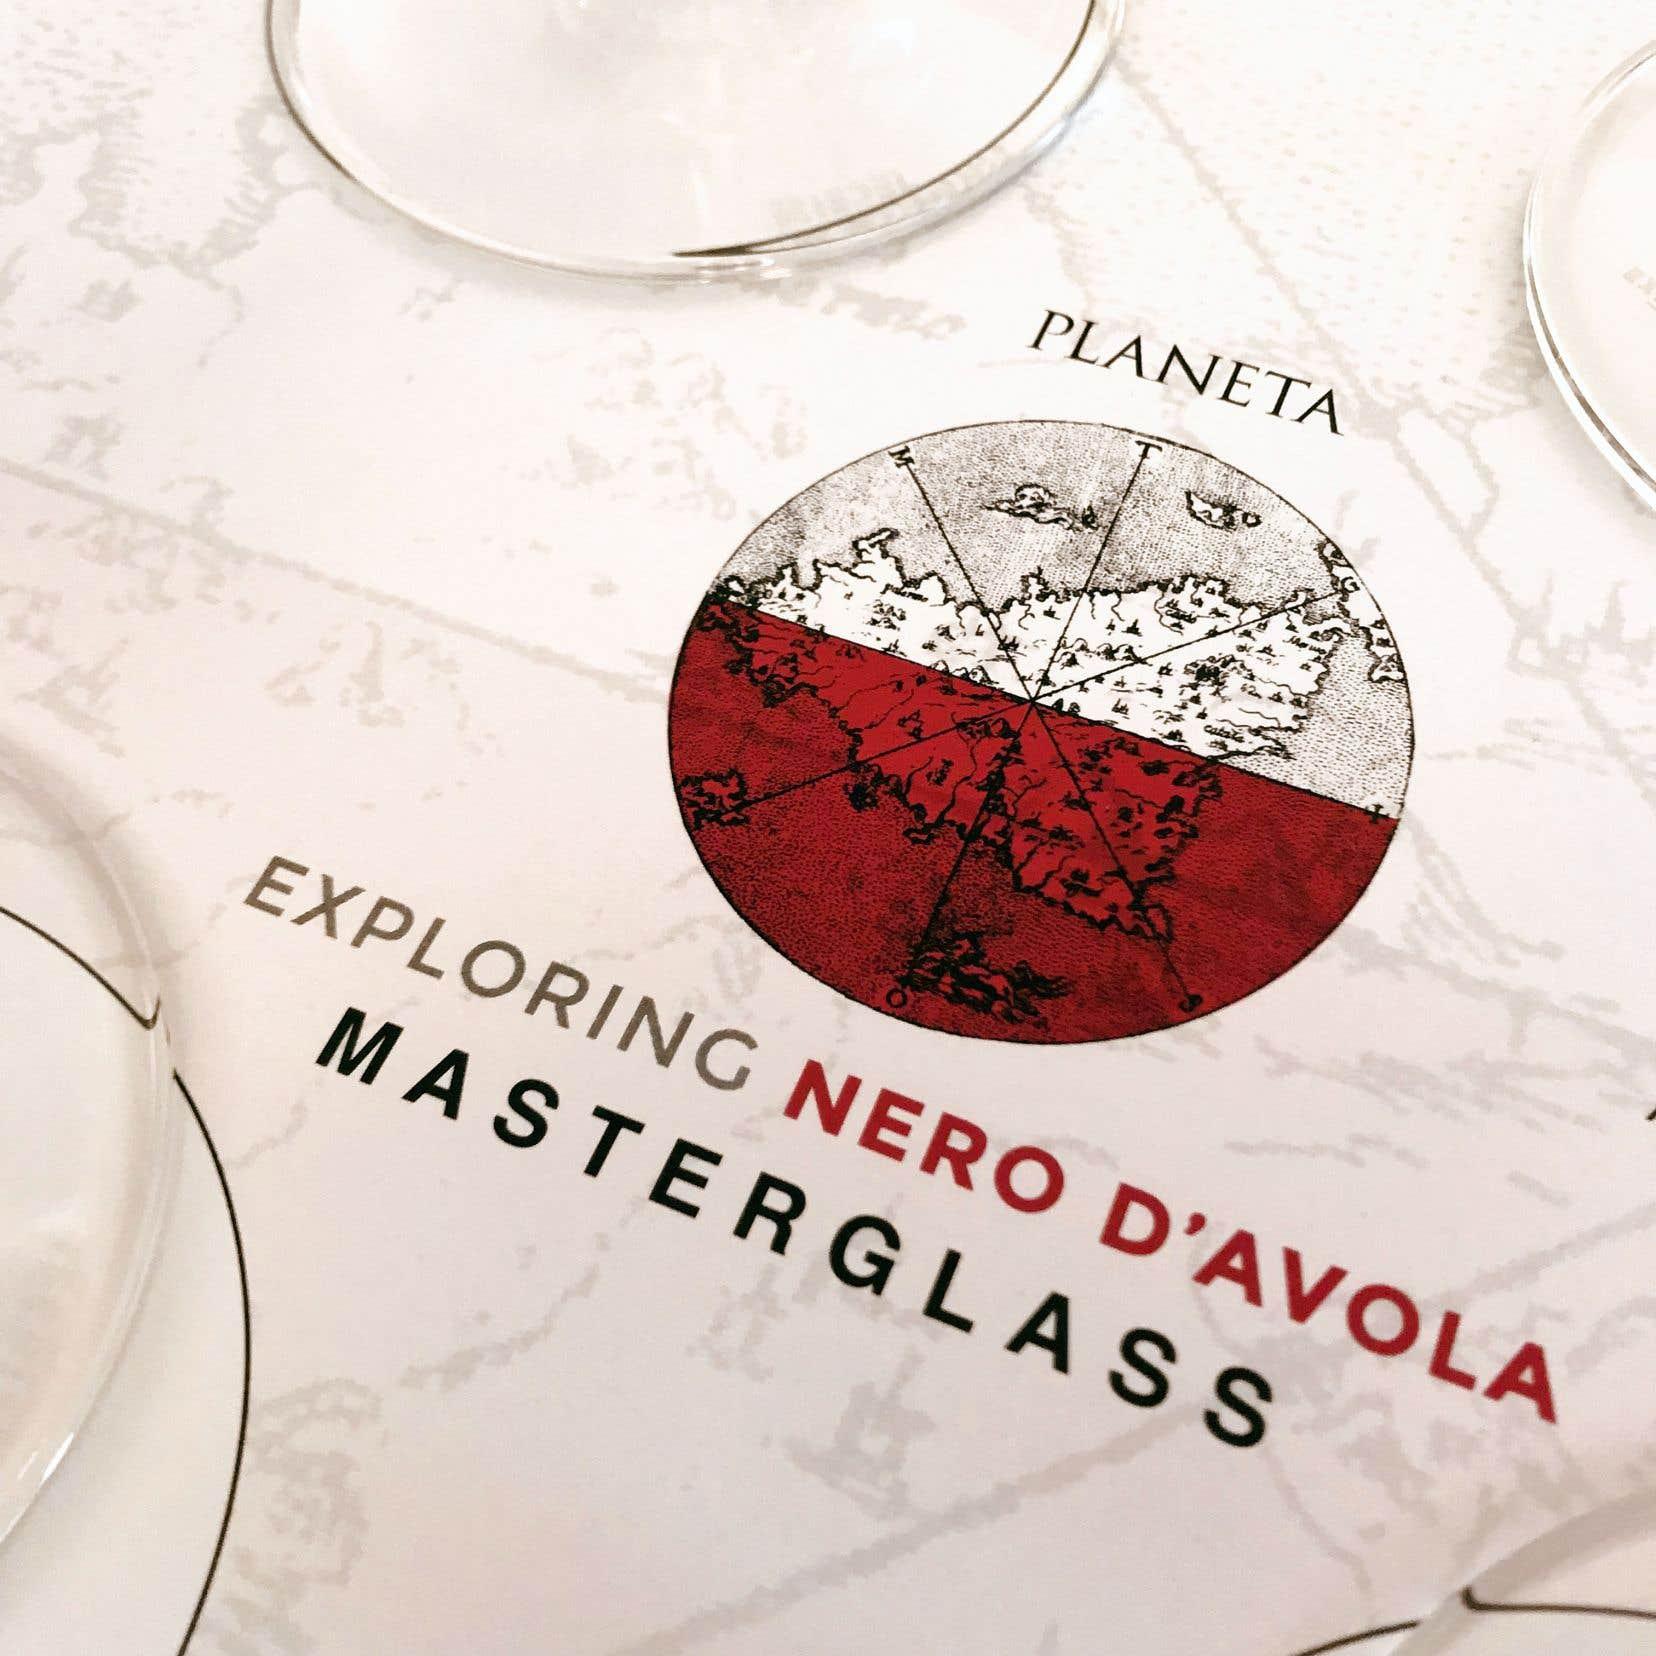 Le nero d'Avola est actuellement le cépage le plus planté de l'île de Sicile.